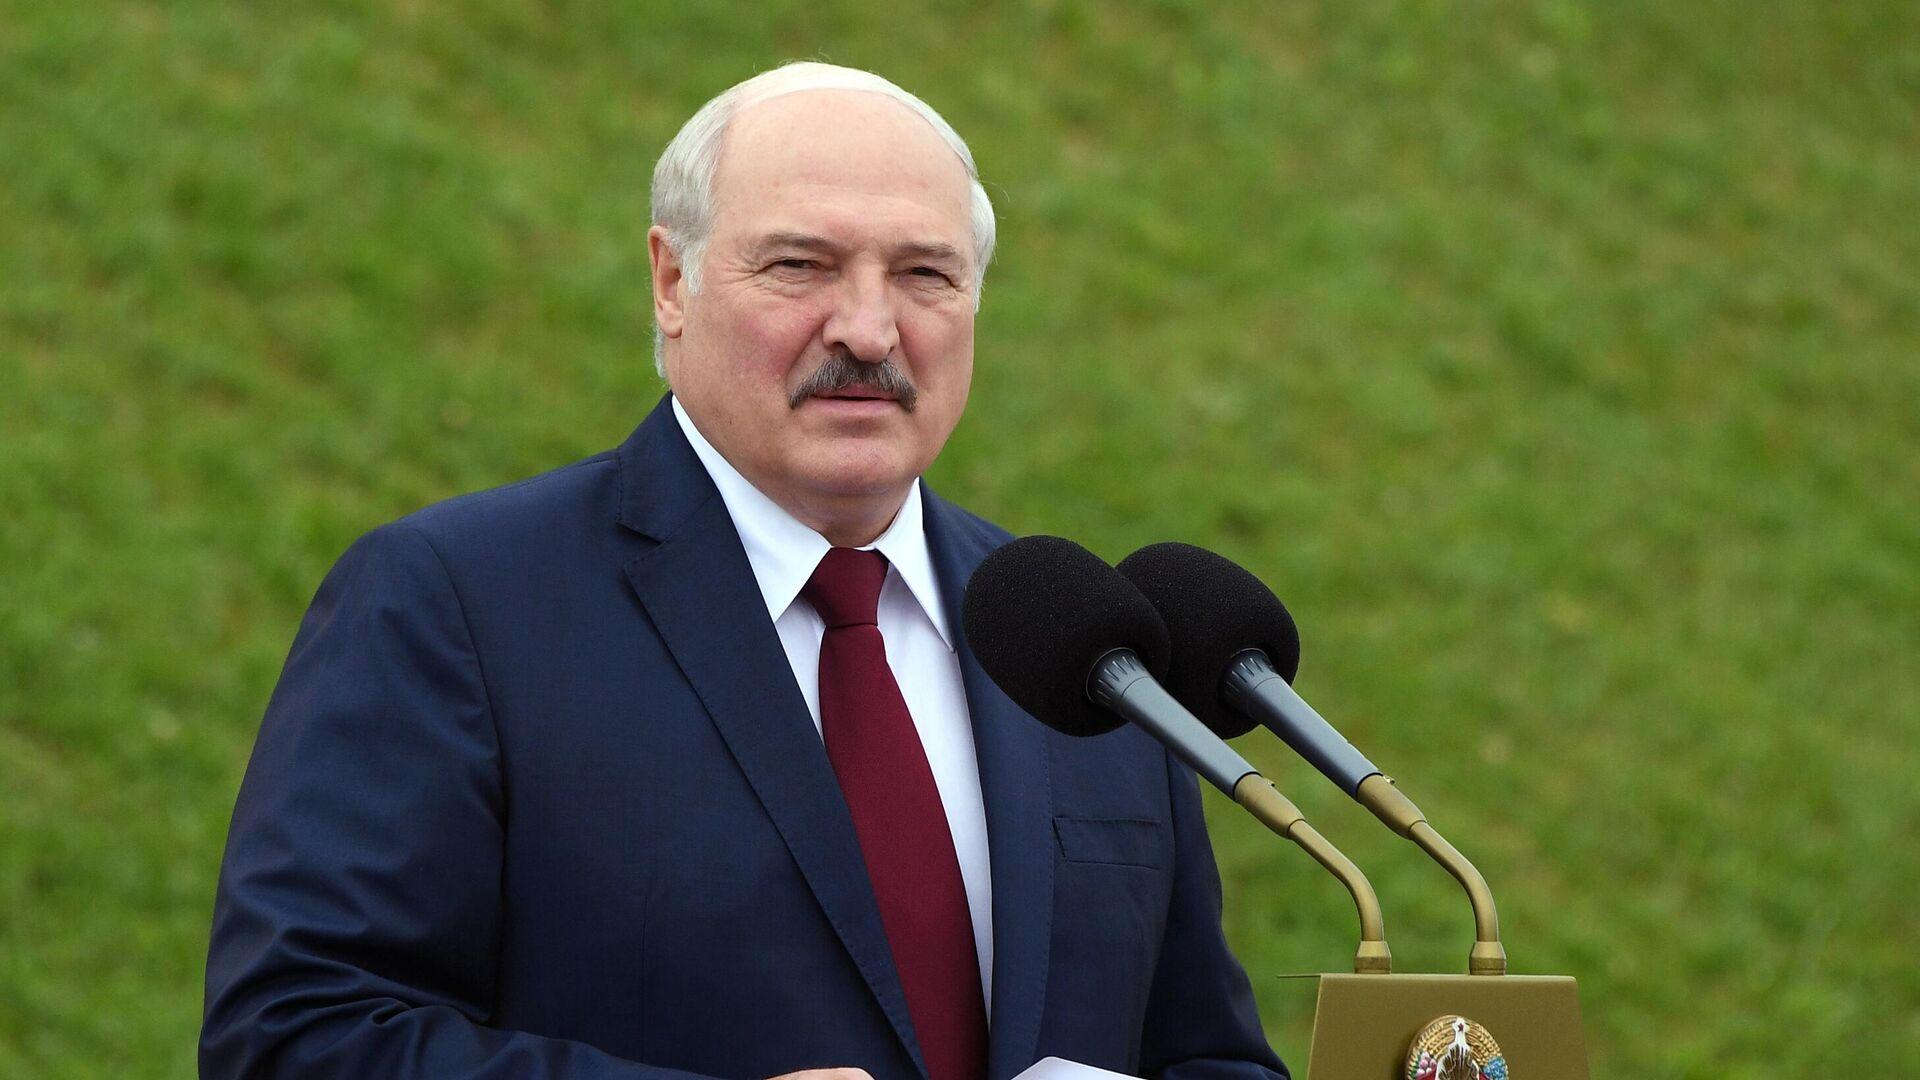 Президент Белоруссии Александр Лукашенко выступает на торжественном митинге, посвященном Дню независимости Белоруссии - РИА Новости, 1920, 03.07.2021